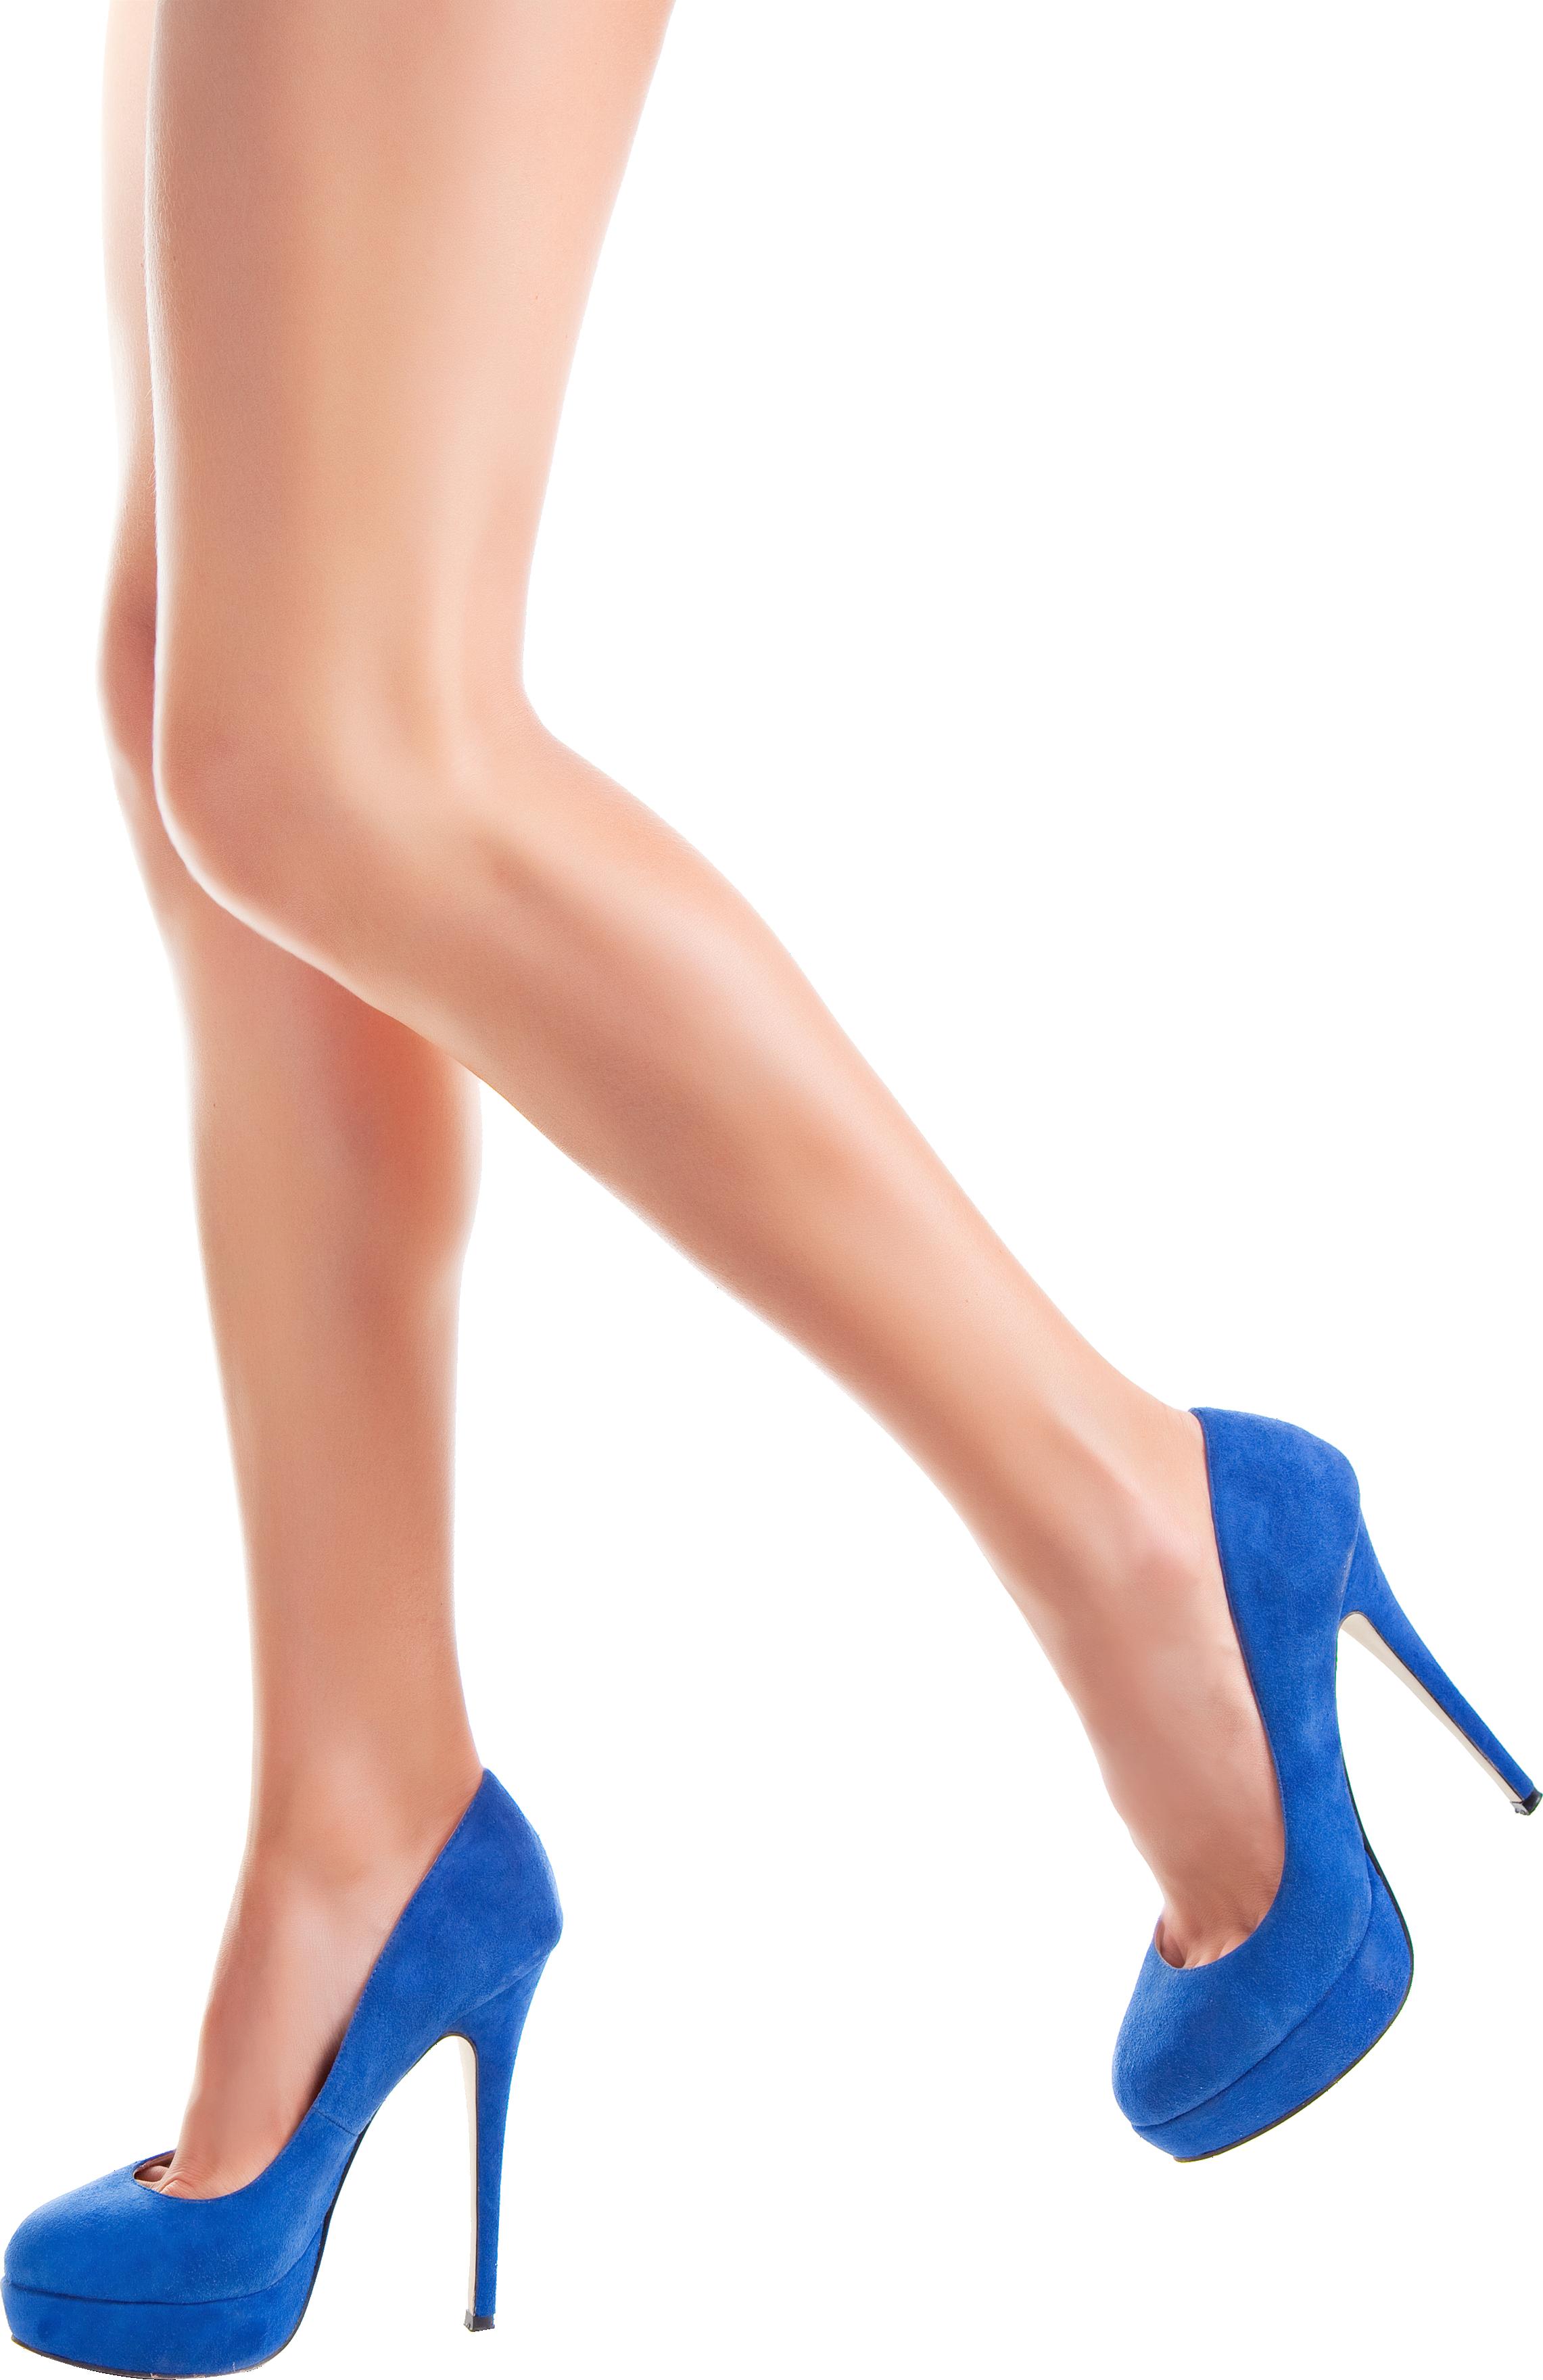 Women legs png image. Heels clipart golden shoe